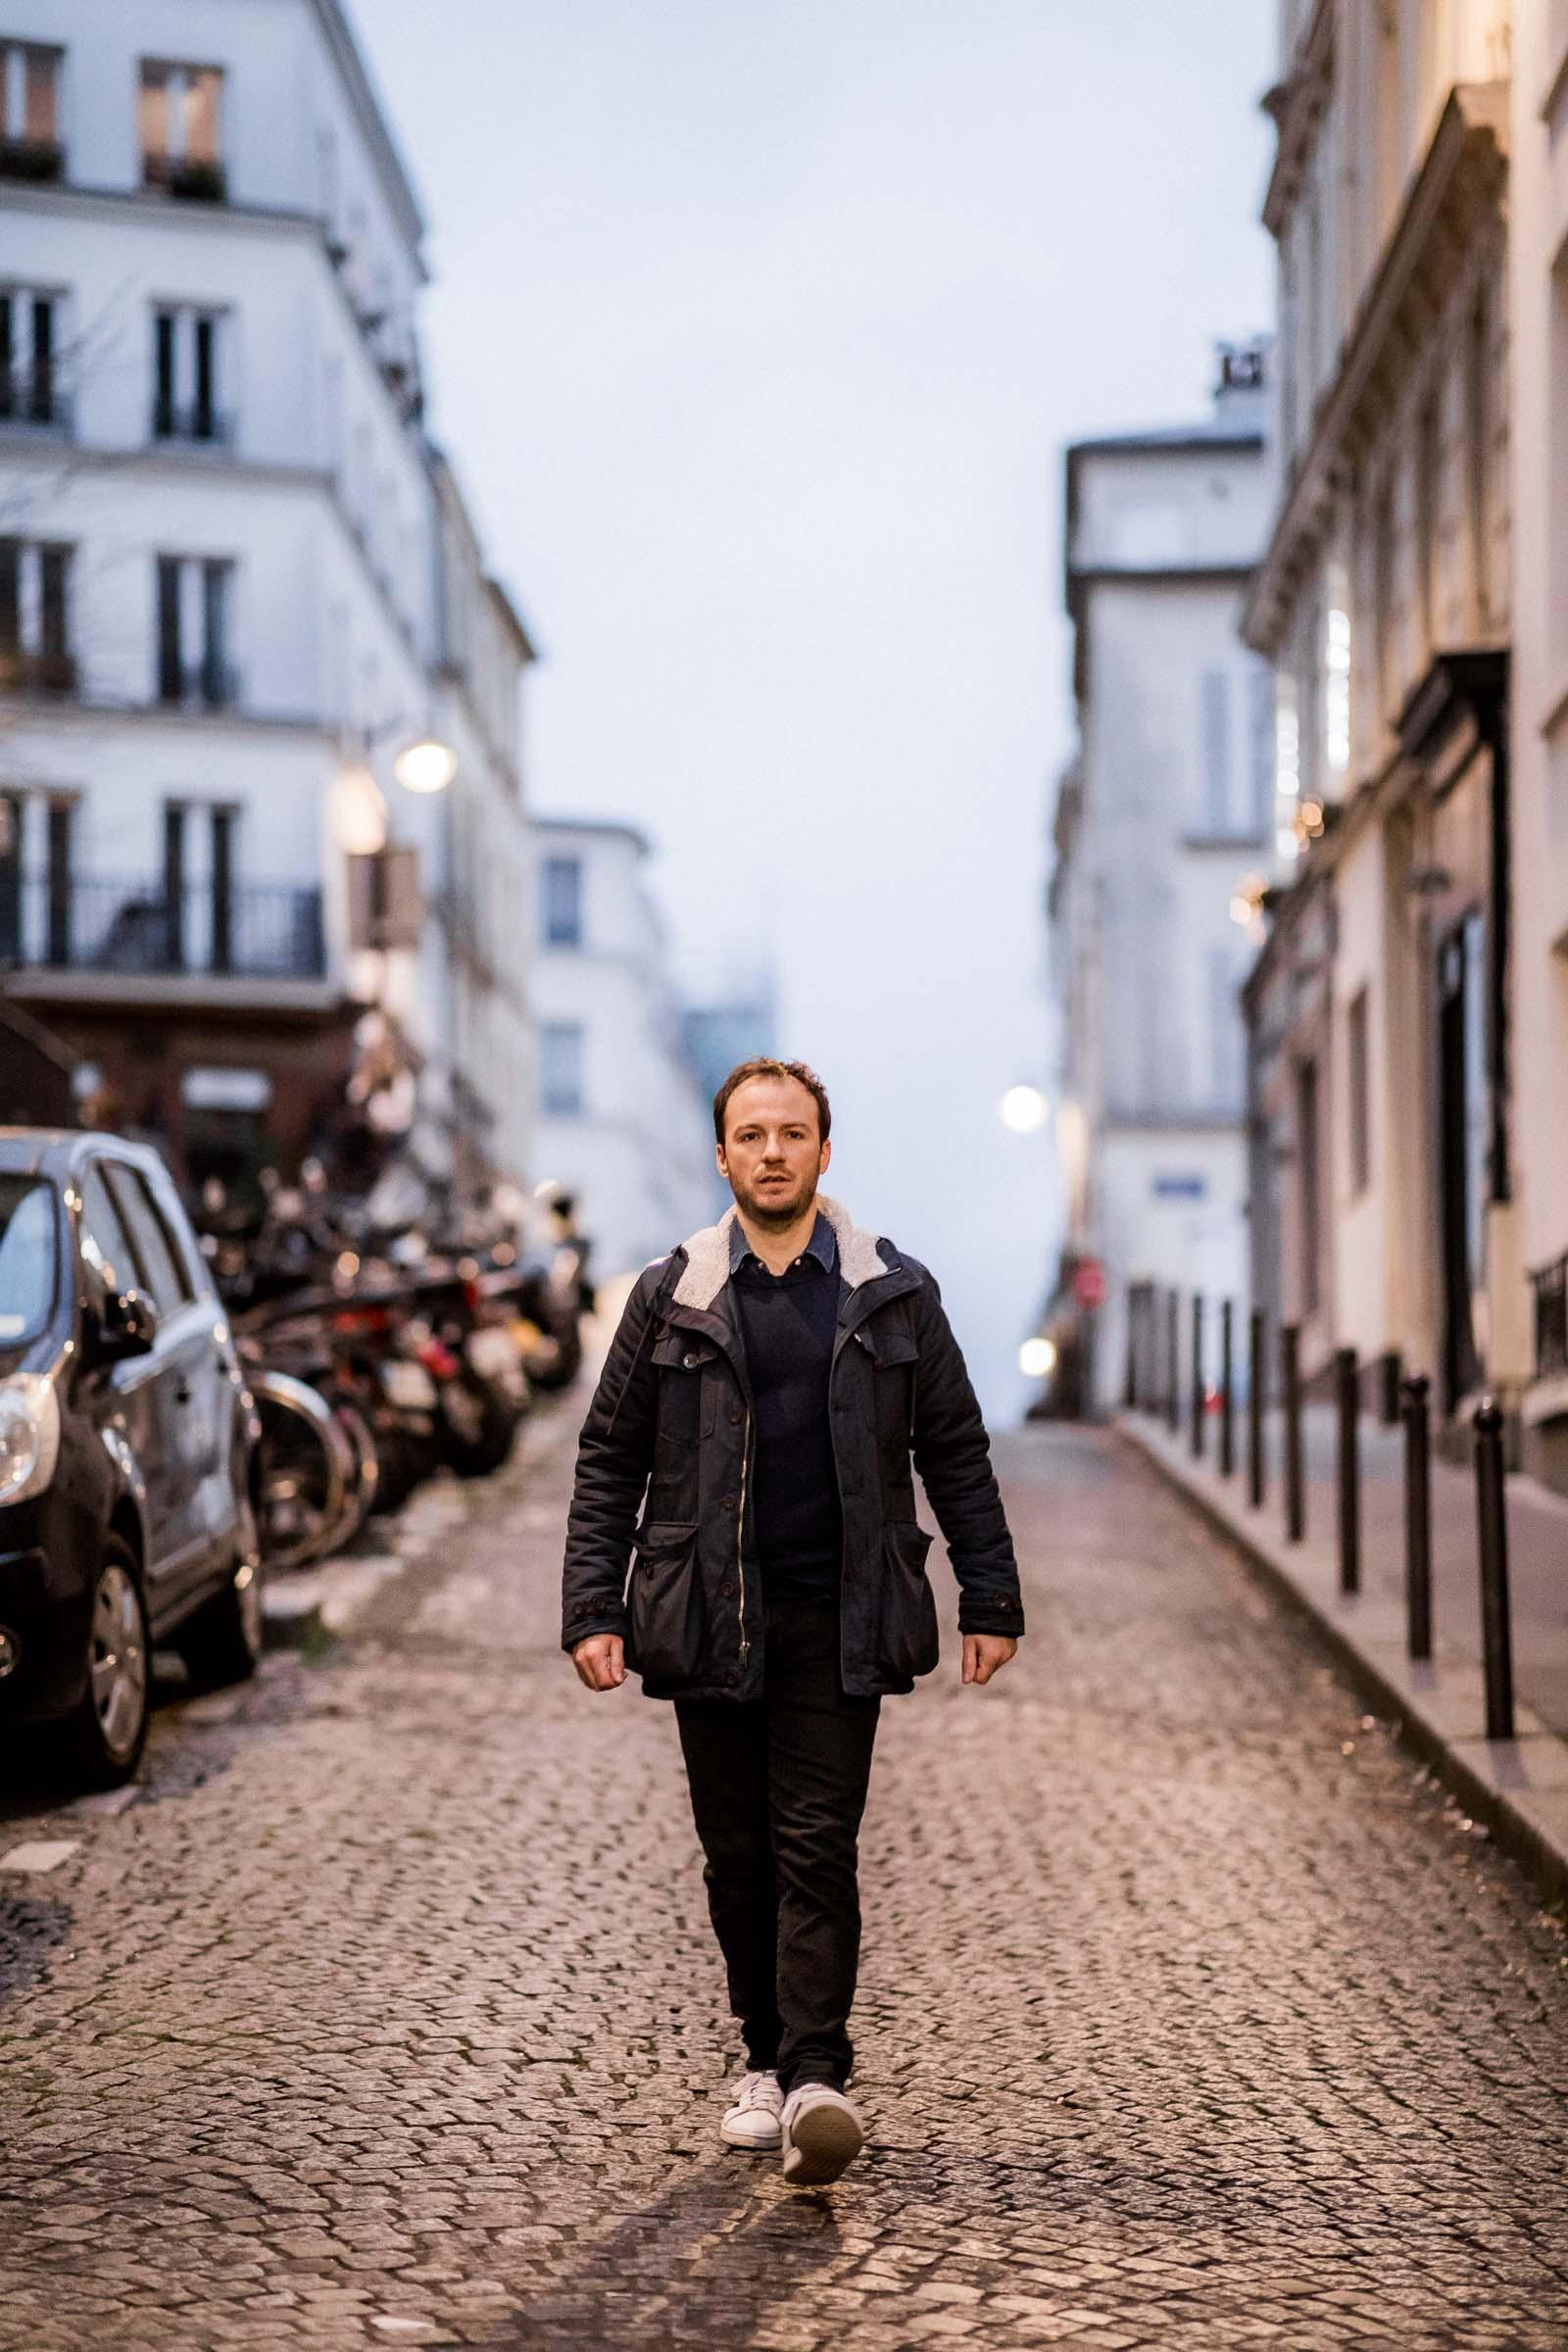 Photographie de Mathieu Dété, photographe de mariage et portrait sur l'île de la Réunion (974), présentant un portrait du chanteur Benoît Dorémus marchant dans une ruelle de Paris